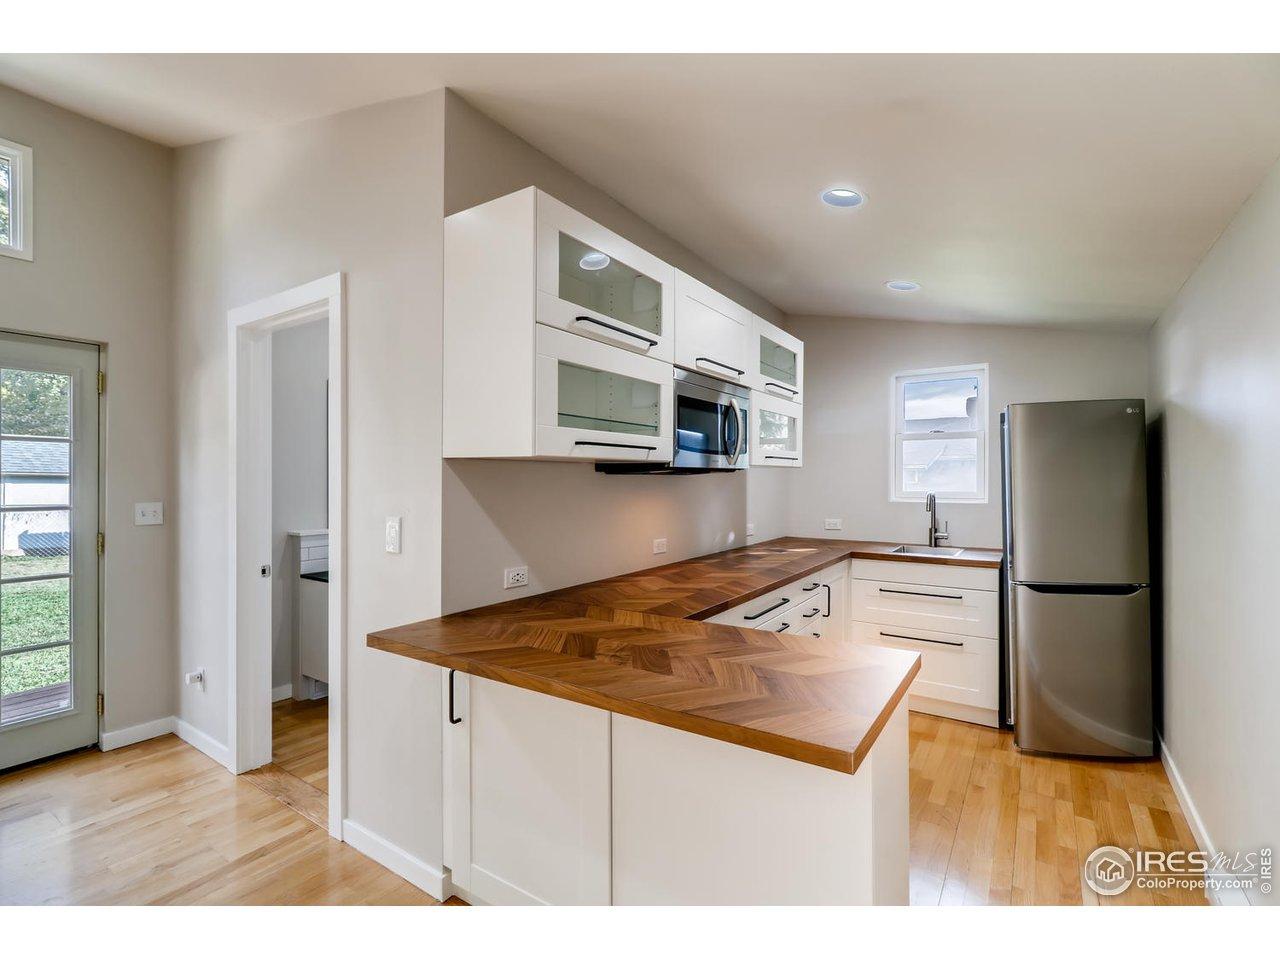 Backyard studio newly updated kitchenette